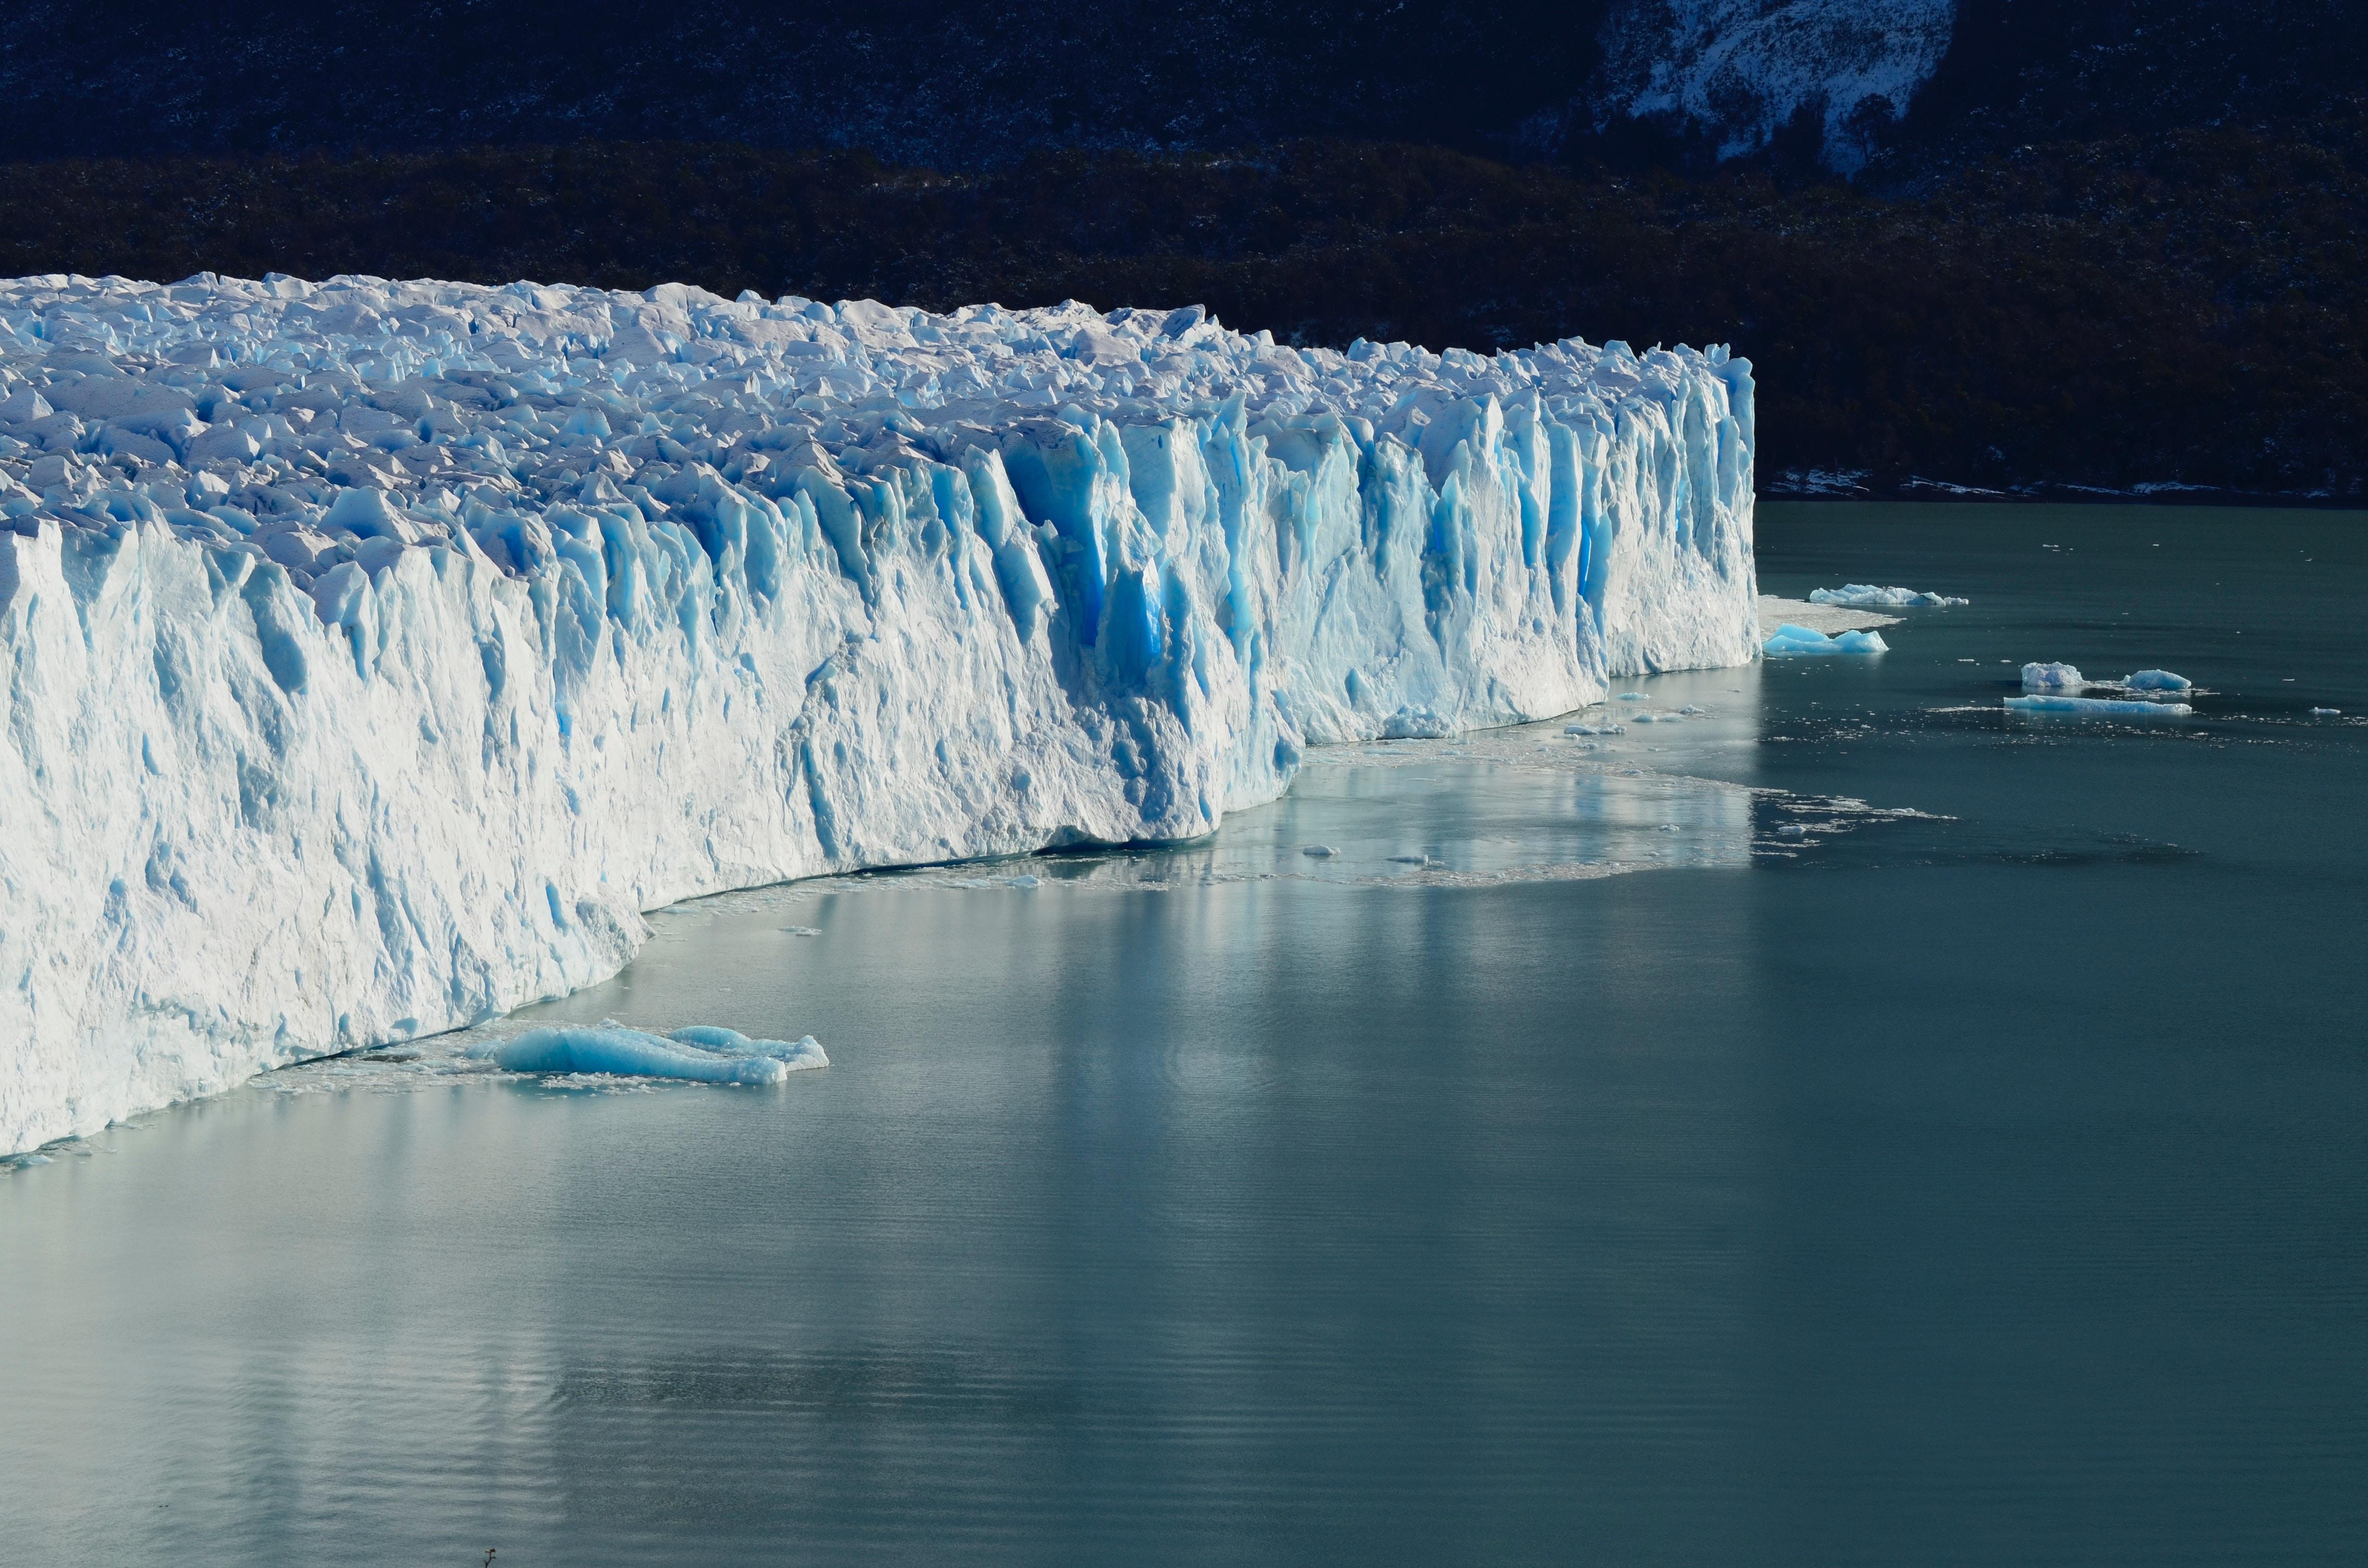 מה ממיס את מדף הקרח רוס?